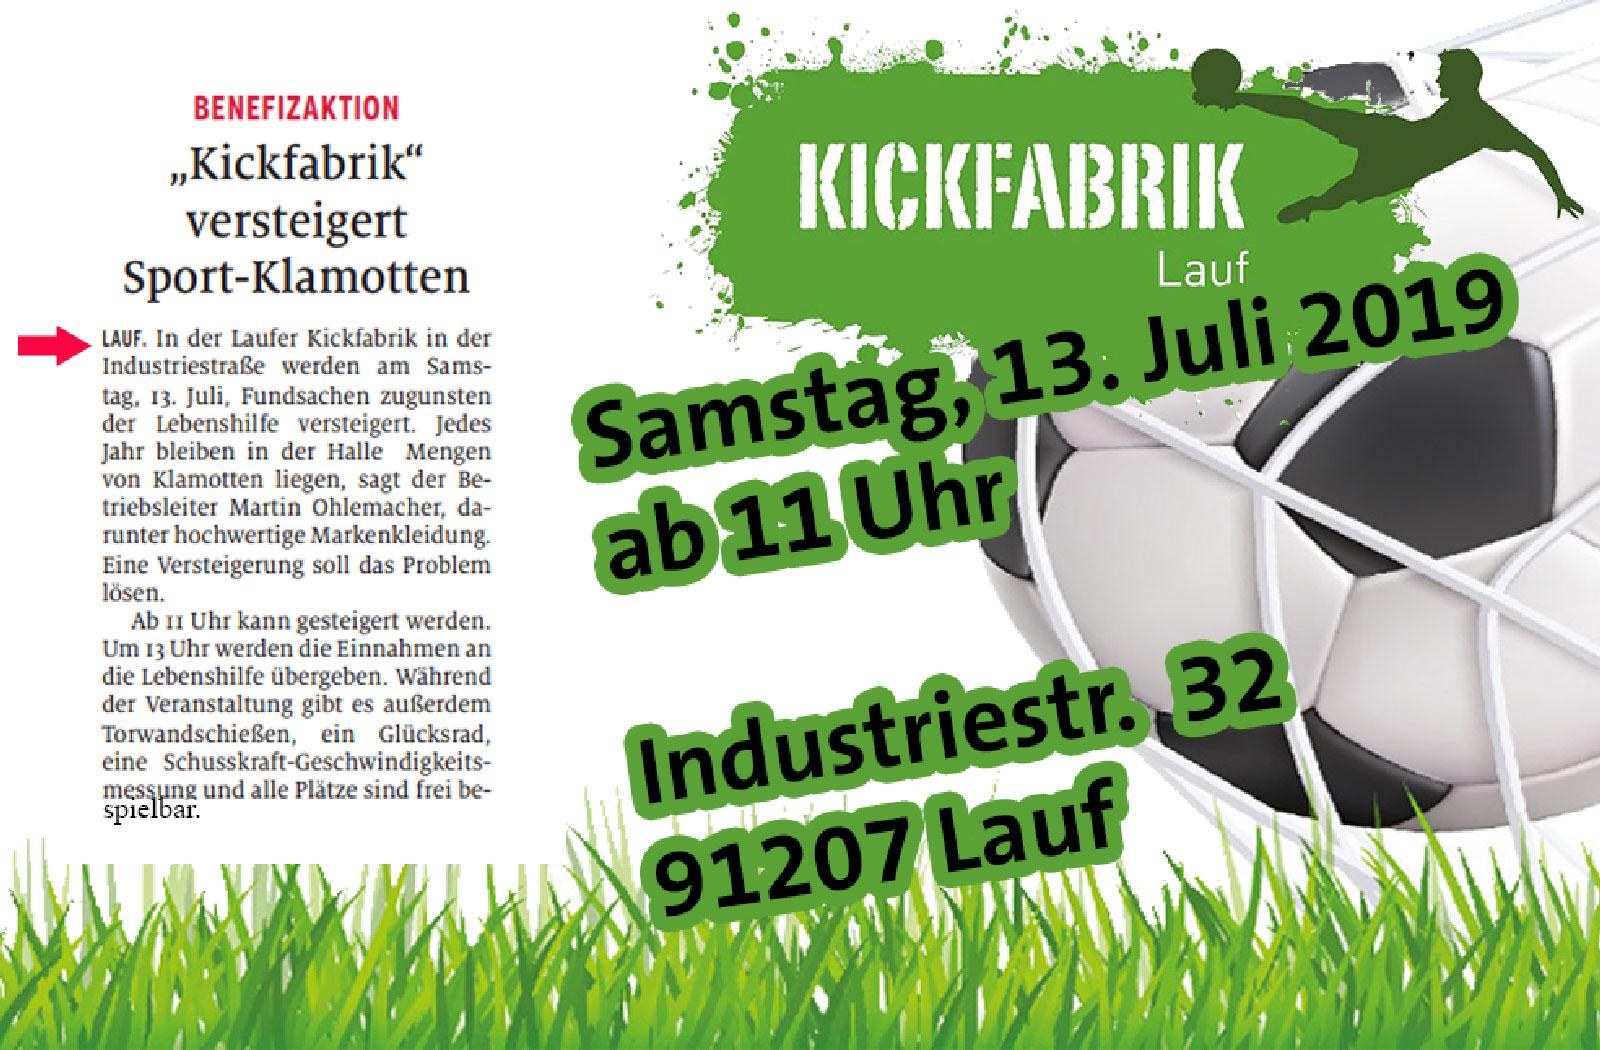 Die Kickfabrik Lauf versteigert liegengelassene Sportsachen: Benefizaktion mit sportlichem Rahmenprogramm zu Gunsten der Lebenshilfe Nürnberger Land e. V.